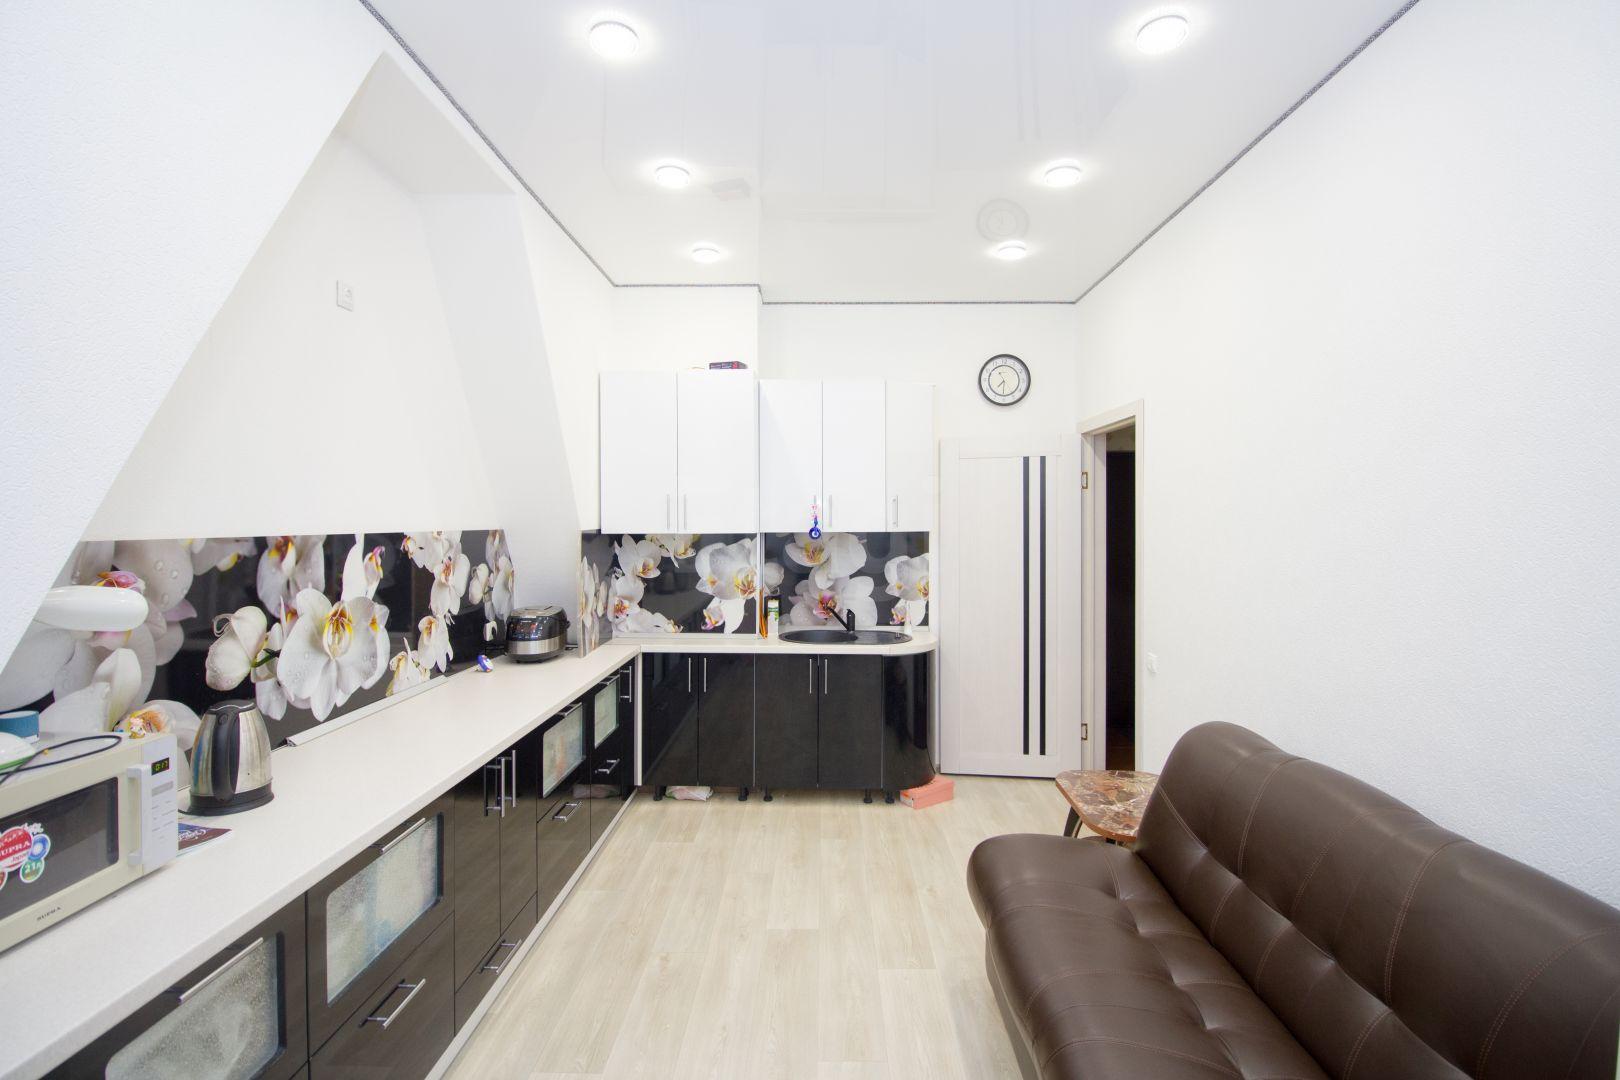 Продается однокомнатная квартира за 3 950 000 рублей. Строителей, ул. Строителей мкр., д. 7 к2 (3.1 км до центра).